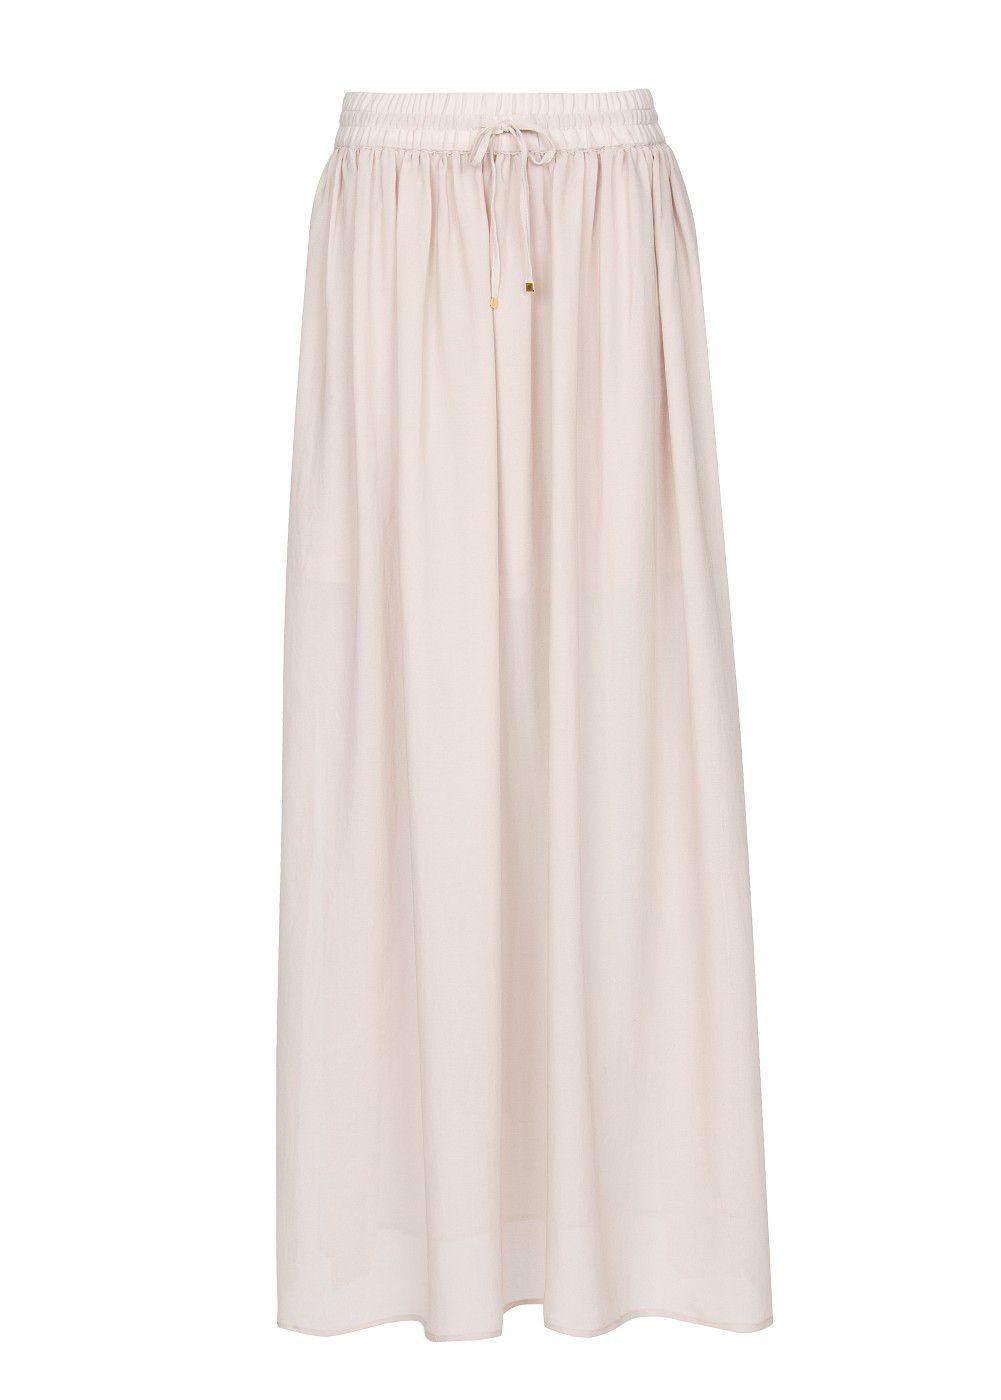 mango slits sheer maxi skirt in white lyst